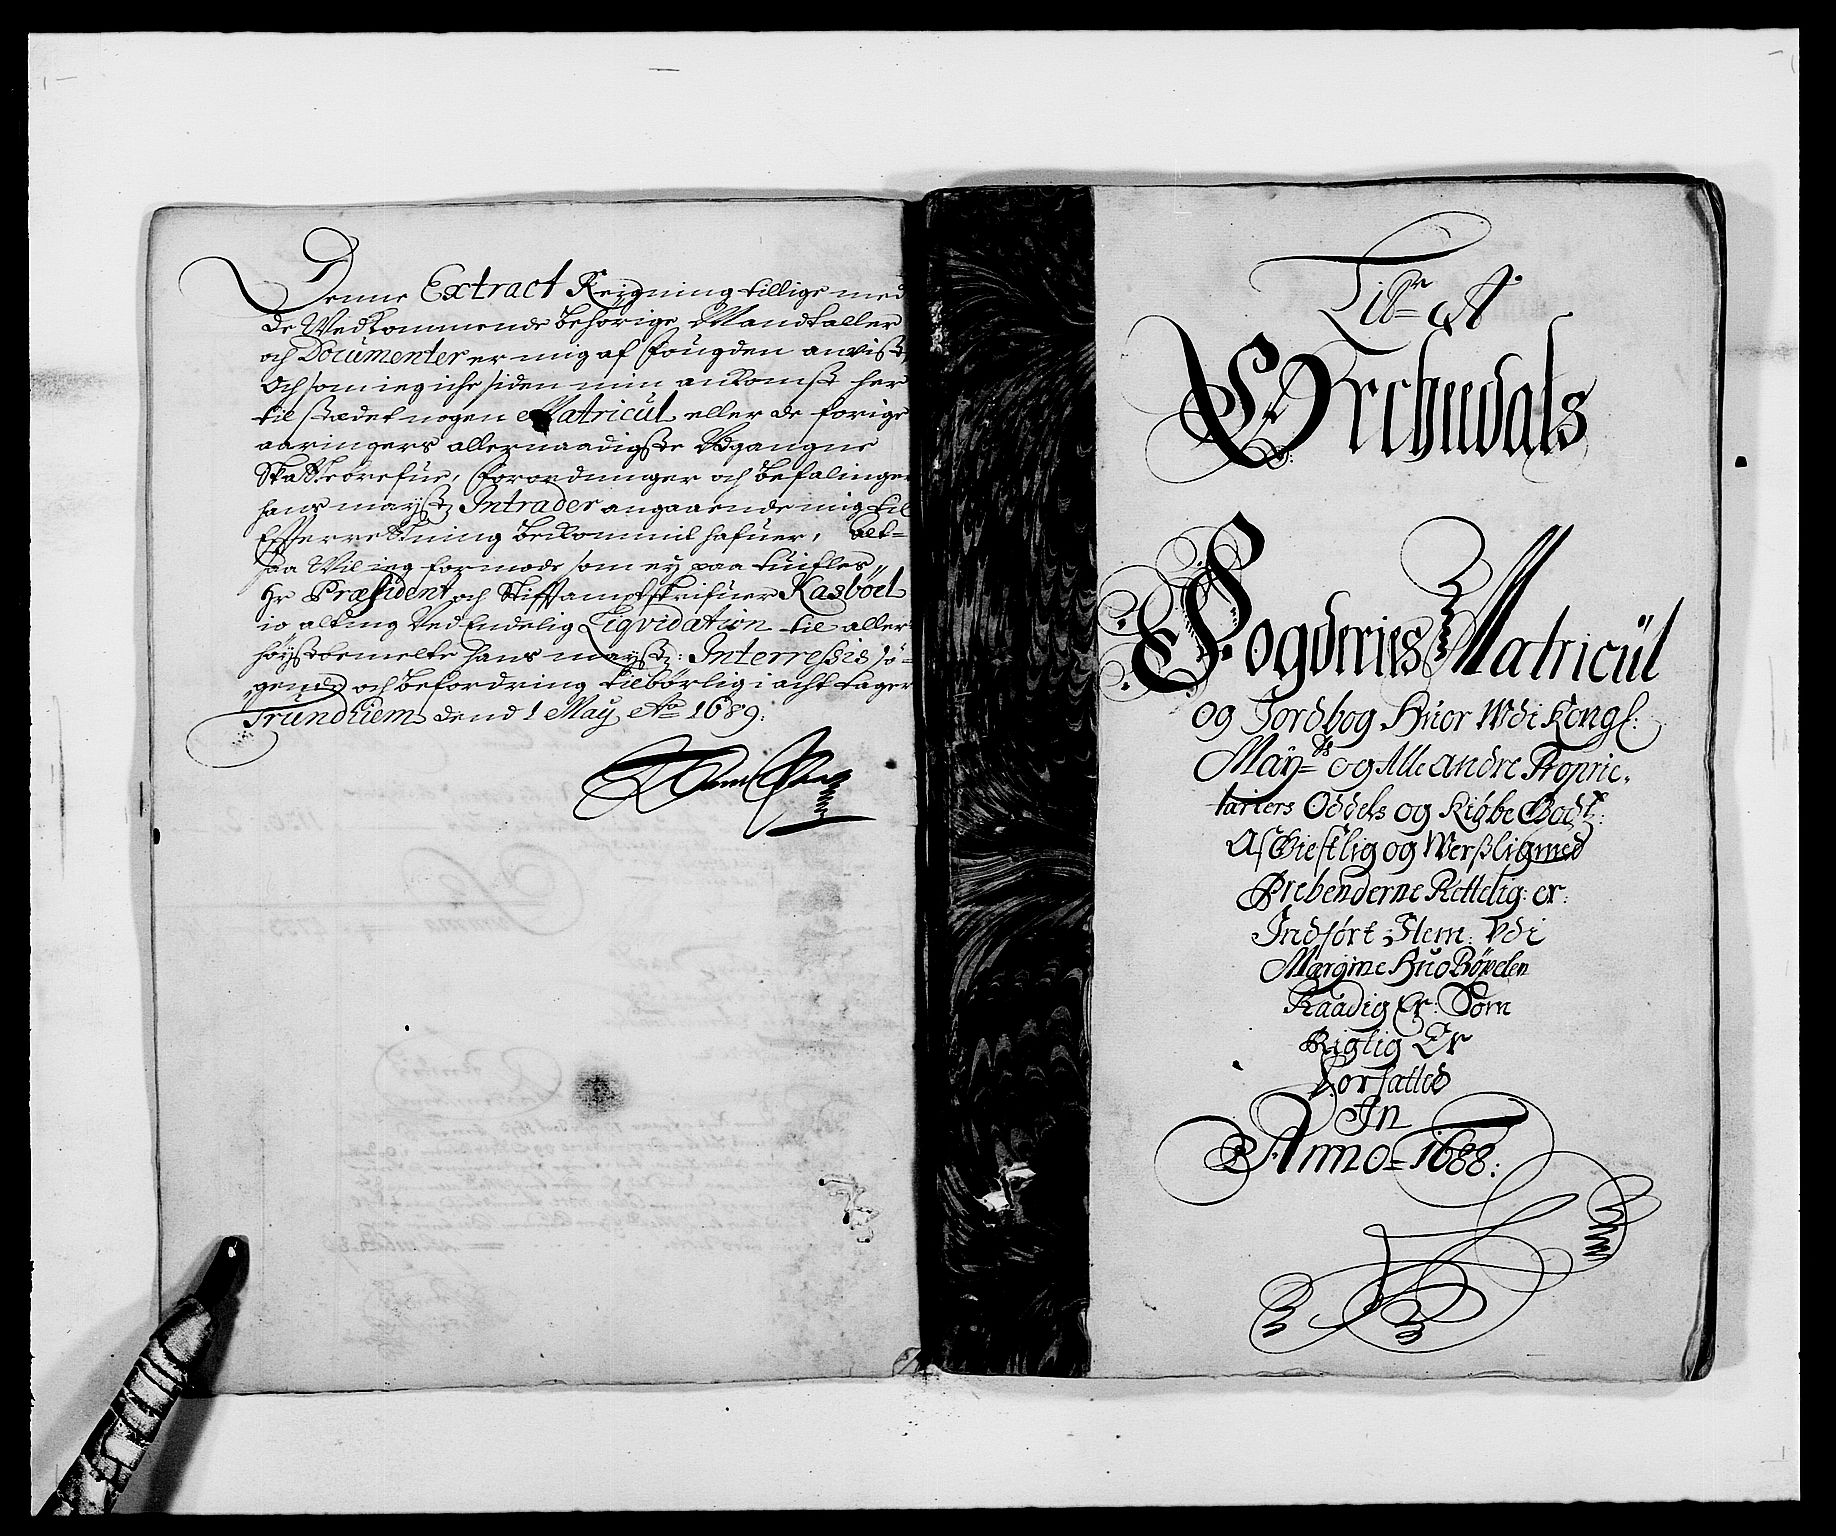 RA, Rentekammeret inntil 1814, Reviderte regnskaper, Fogderegnskap, R58/L3935: Fogderegnskap Orkdal, 1687-1688, s. 202